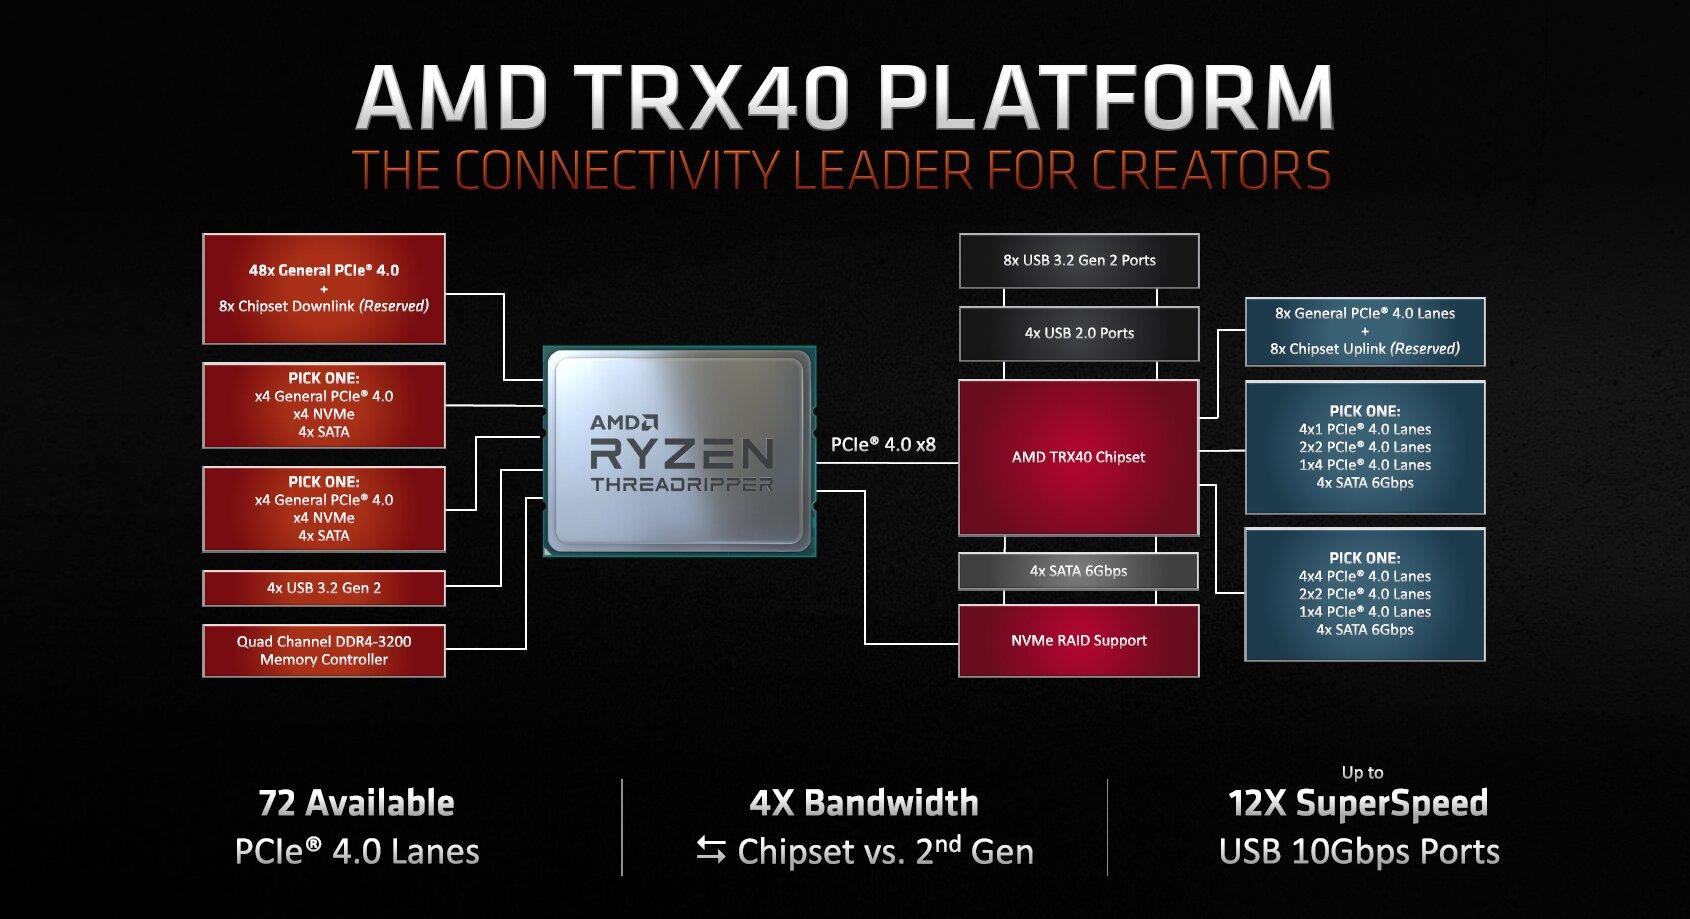 Platform Diagram für AMD TRX40